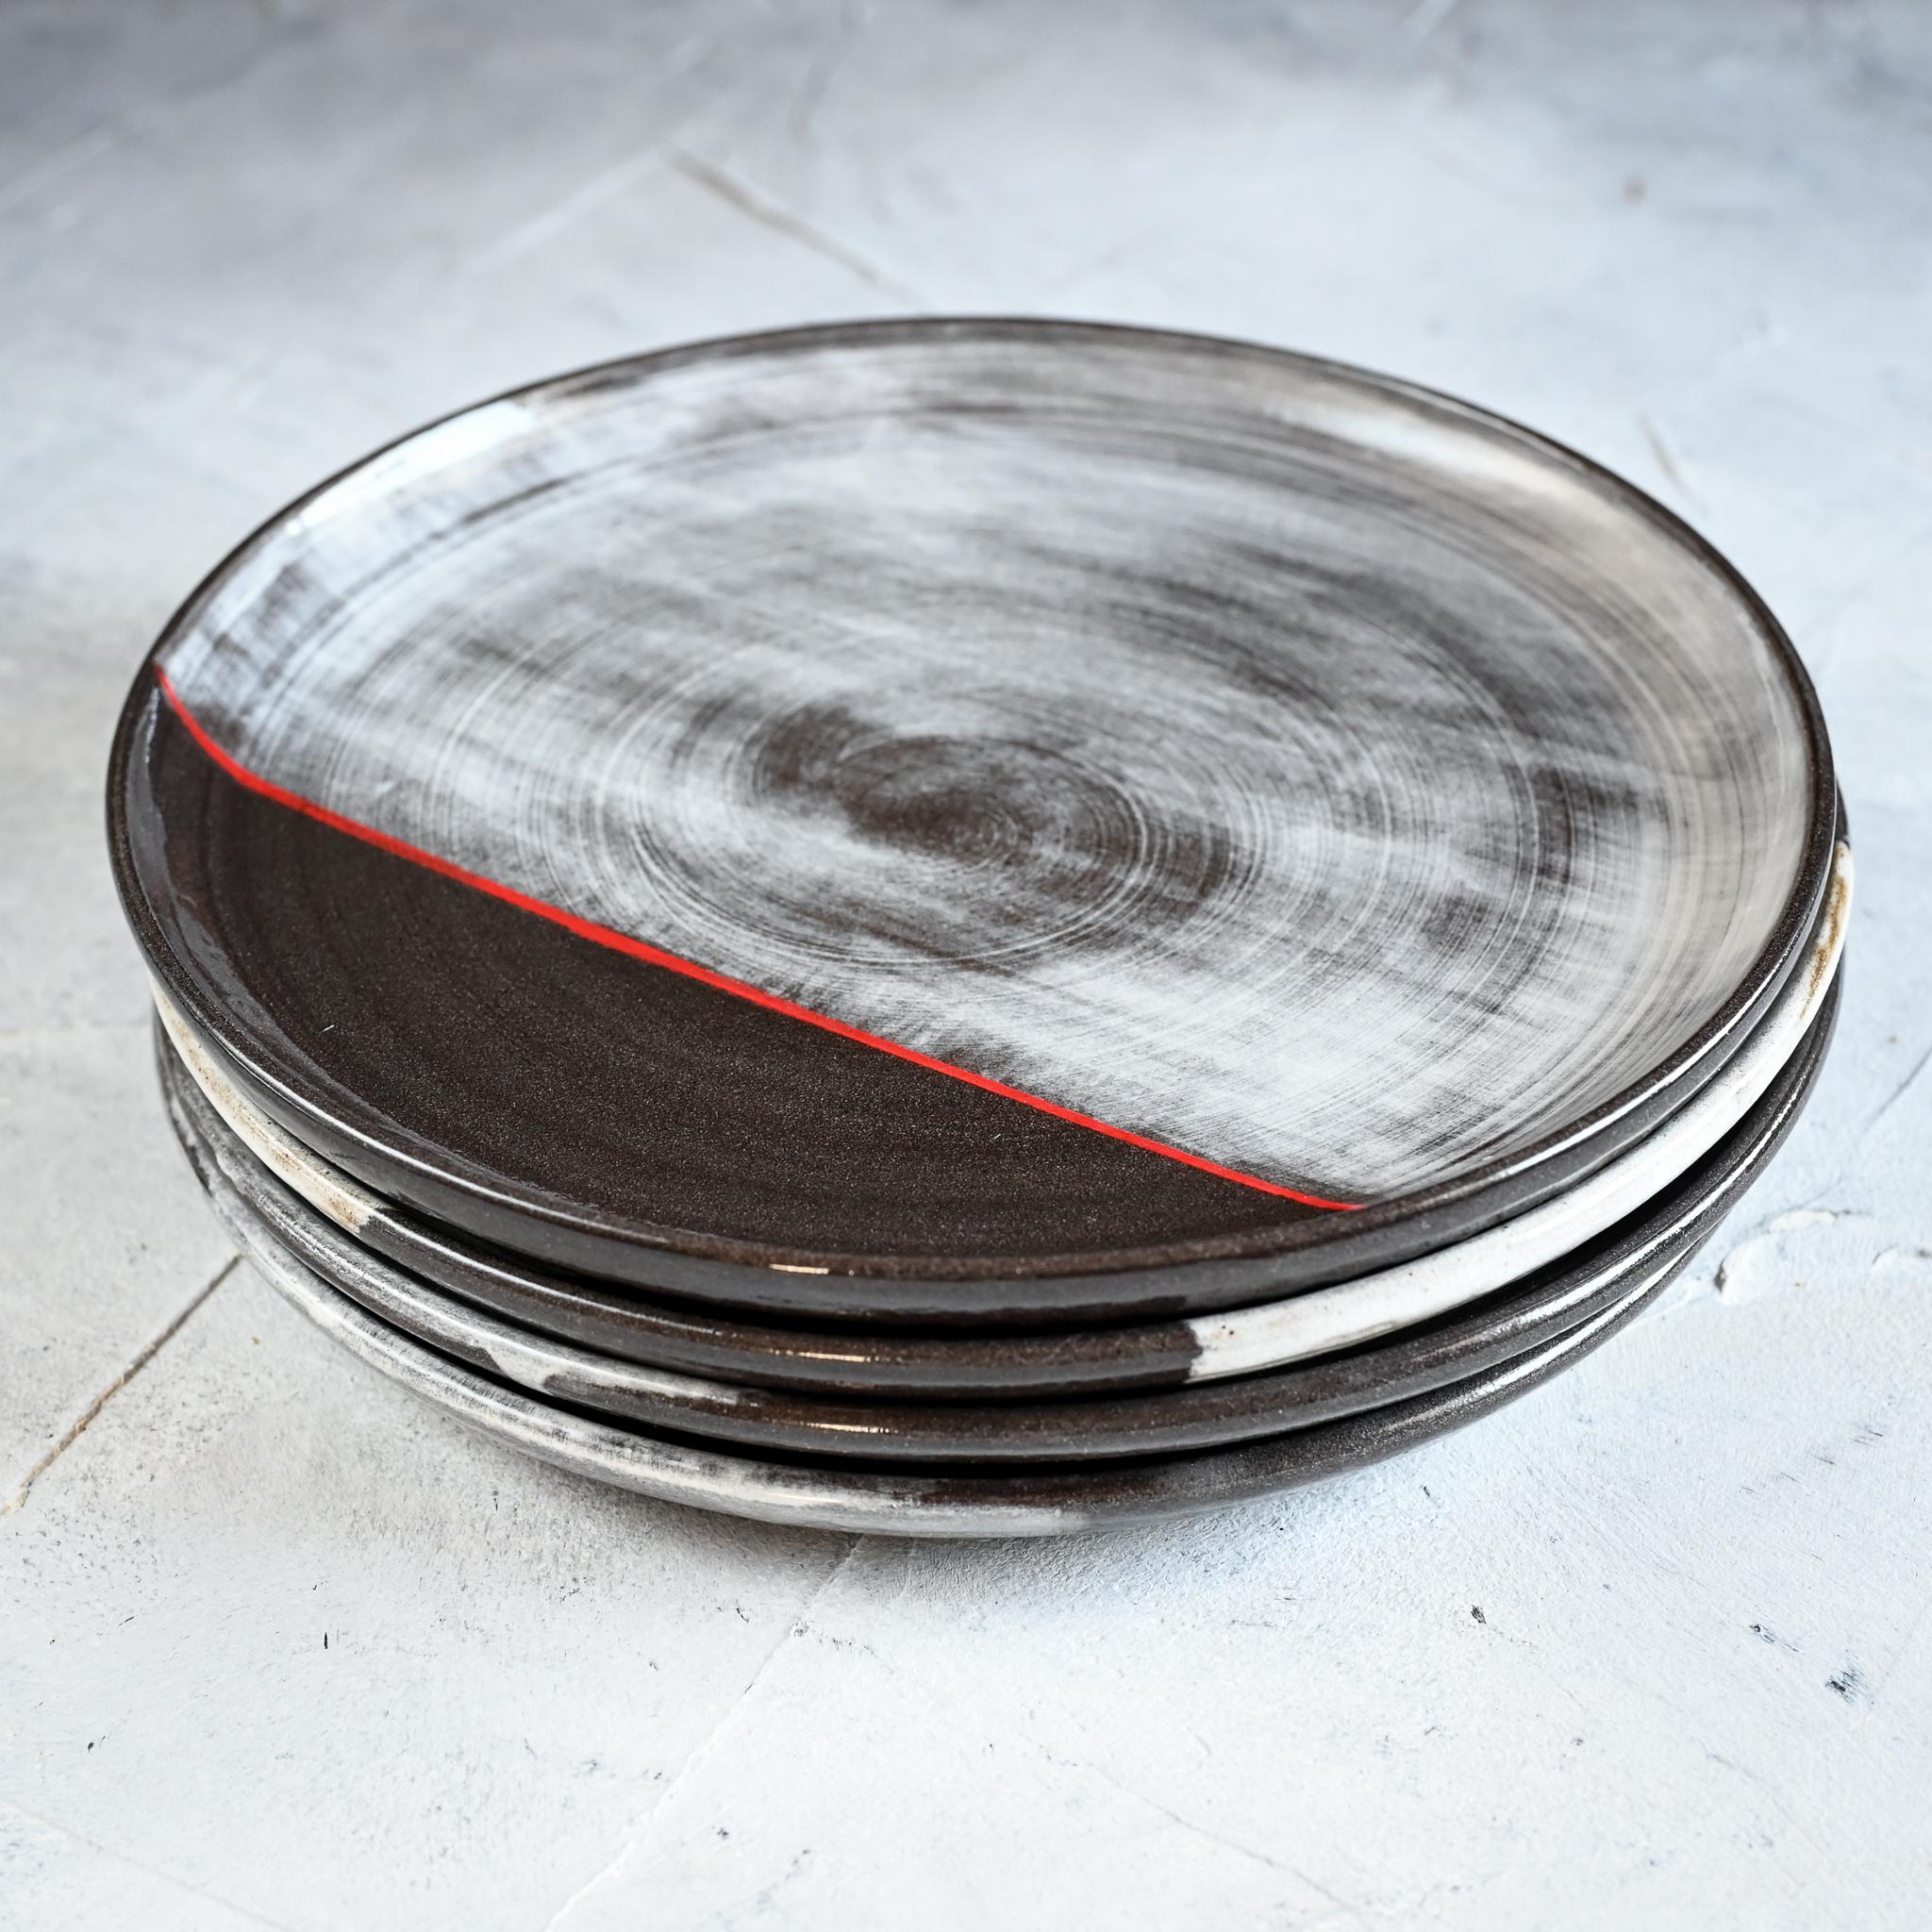 """картинка Тарелка из серии """"Минимализм"""" 1 - DishWishes.Ru"""